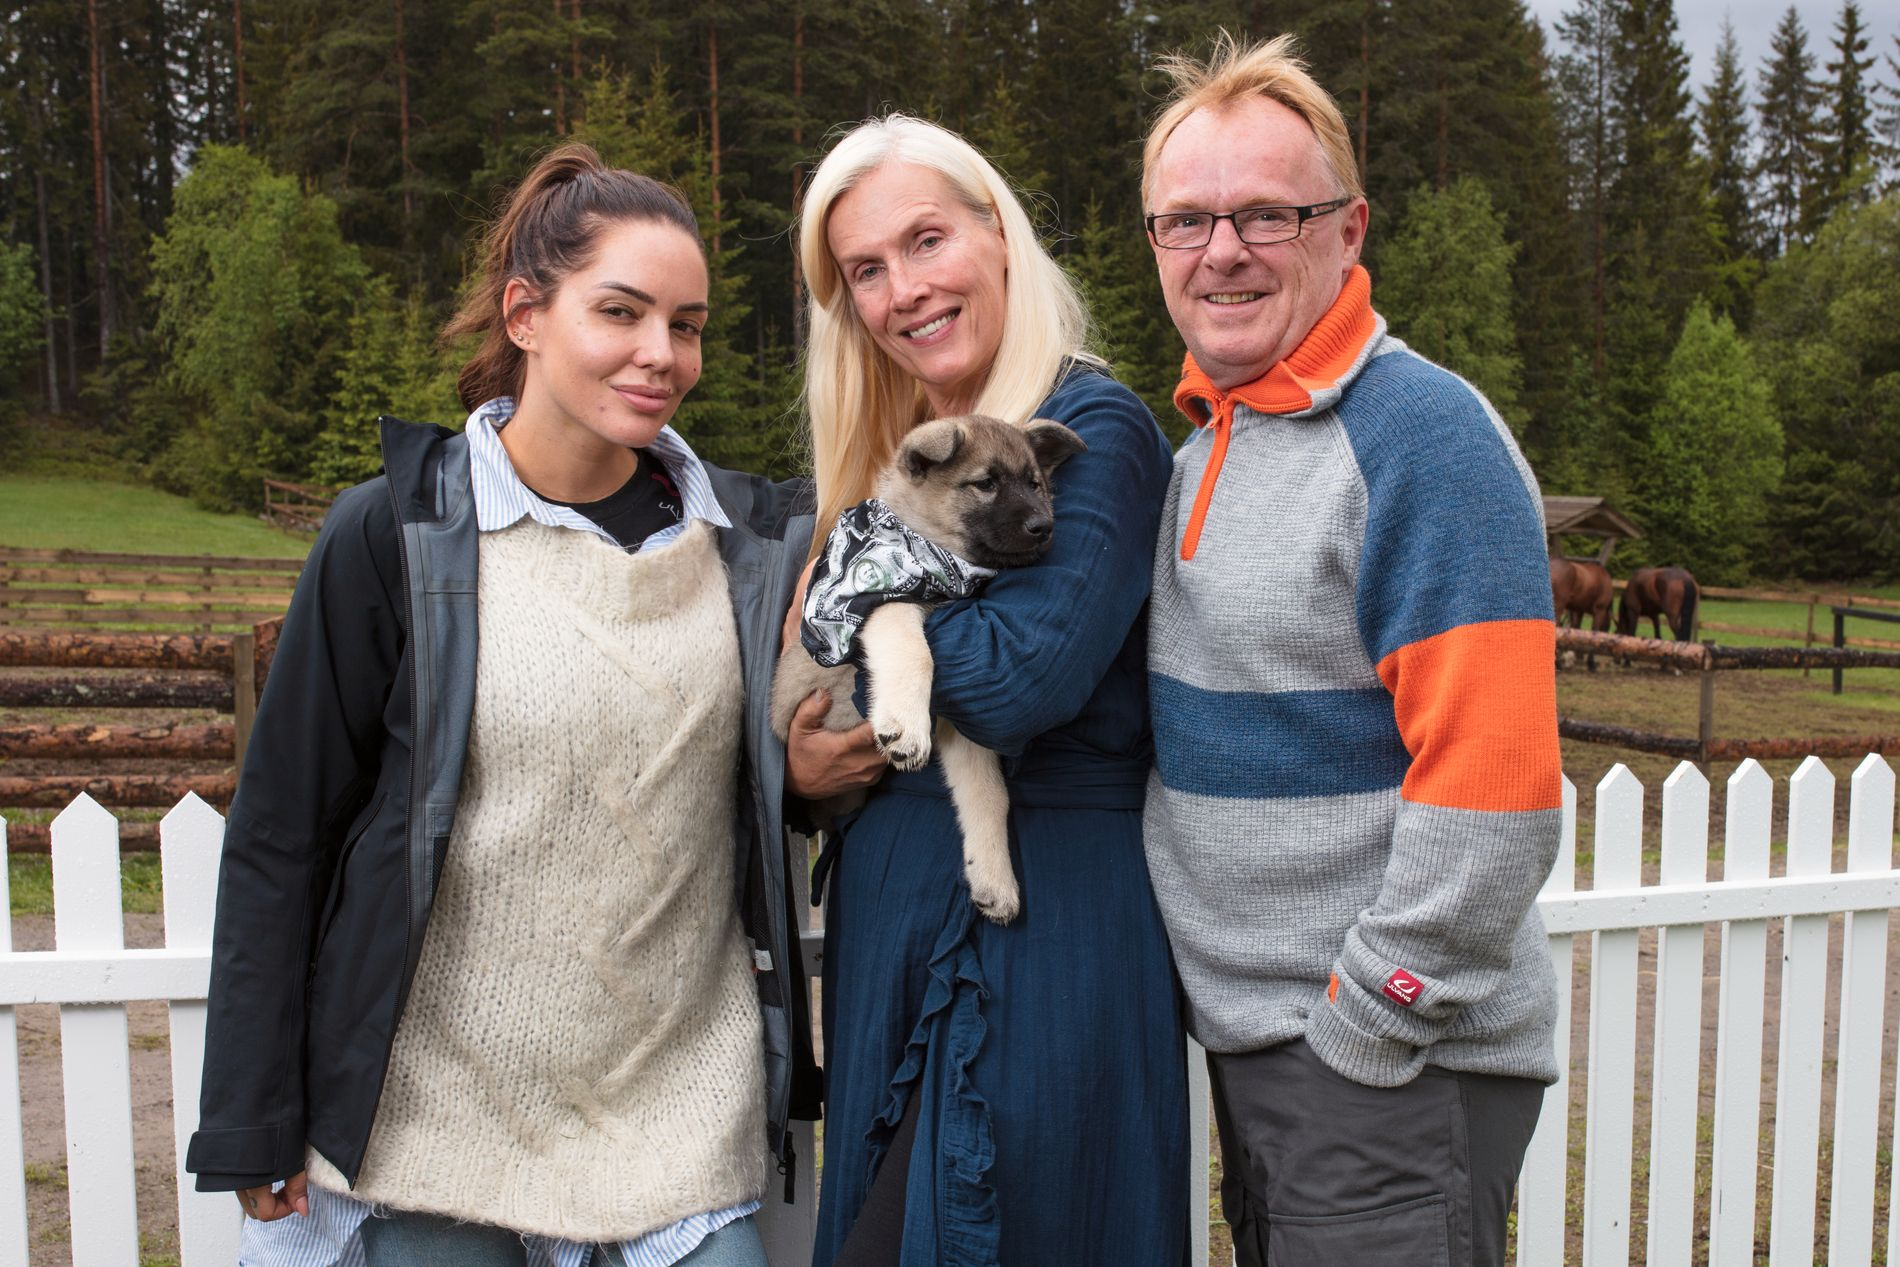 KAMPKLARE: Triana Iglesias, Gunilla Persson og Per Sandberg deltar alle i den fjerde utgaven av «Farmen kjendis».